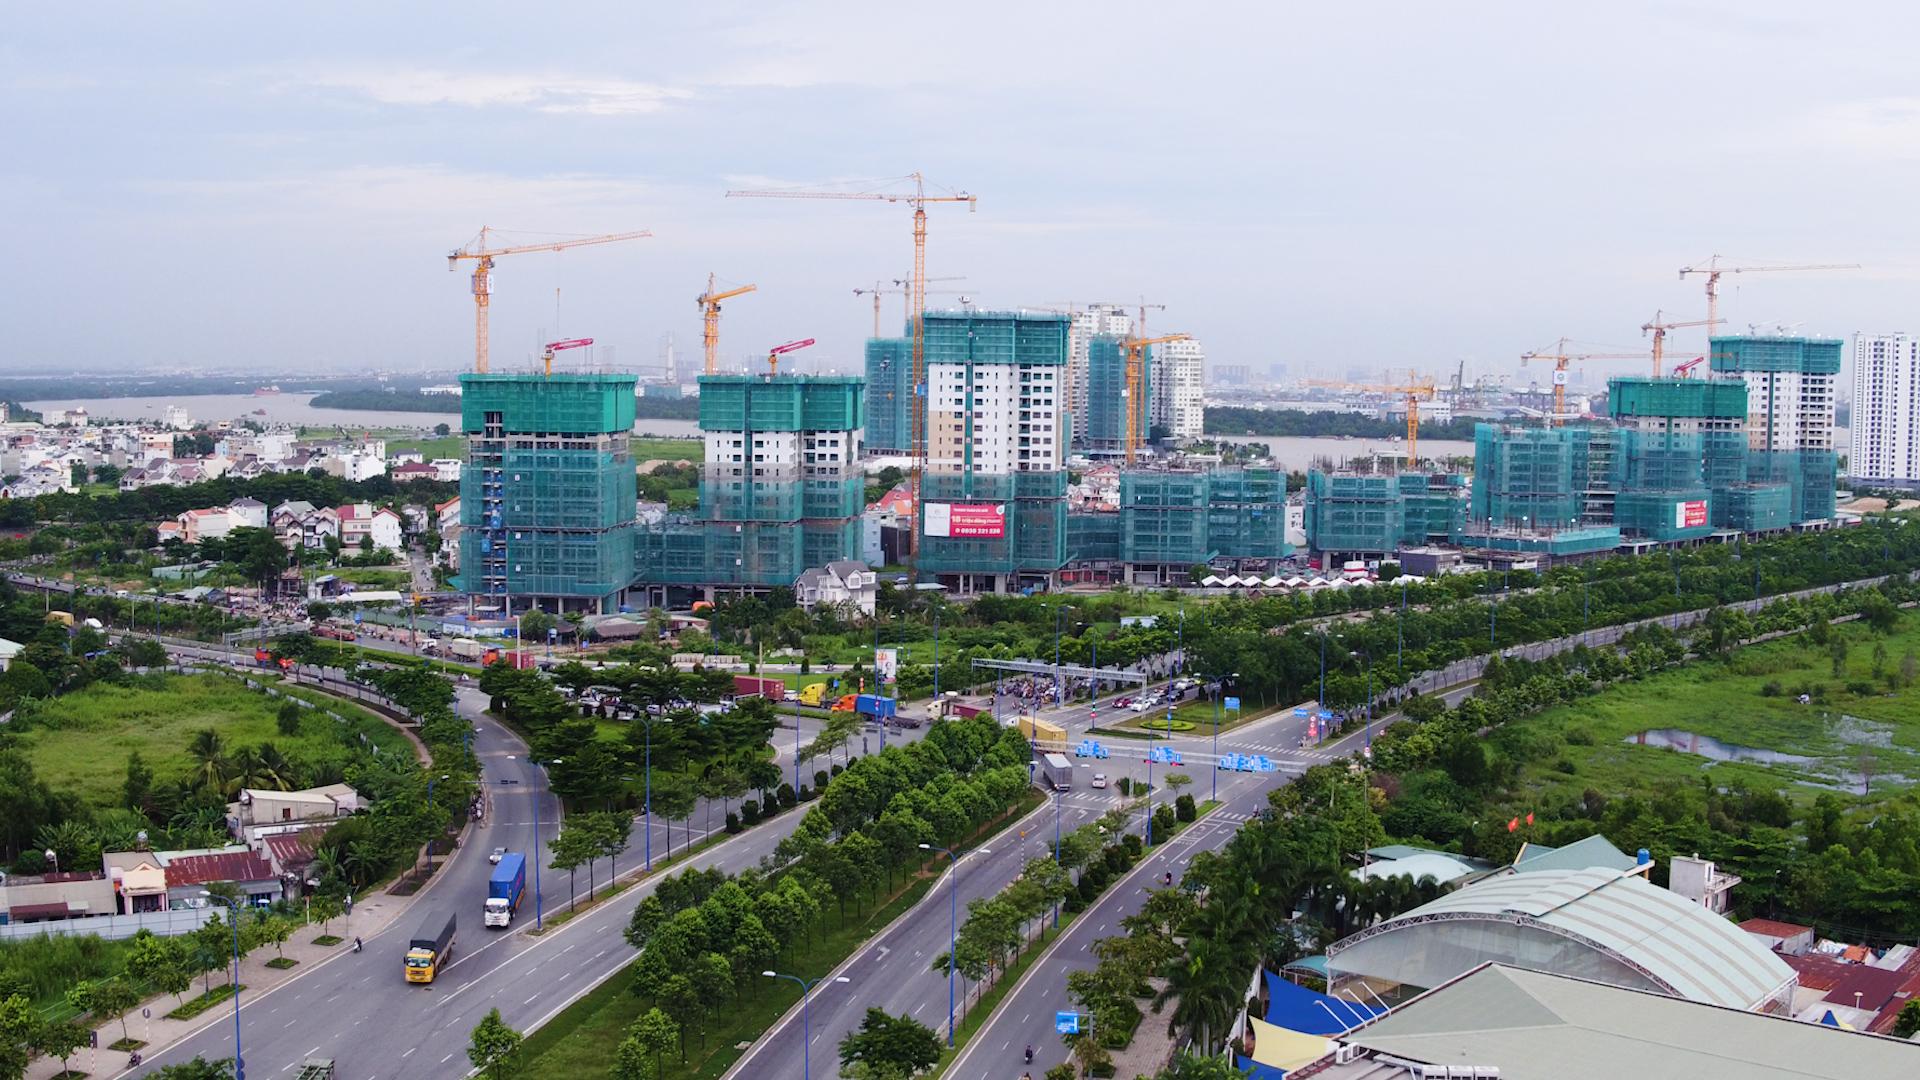 Kinh doanh - Cơ hội sở hữu Office-tel The Sun Avenue - Hàng hiếm khu đô thị Thủ Thiêm (Hình 2).